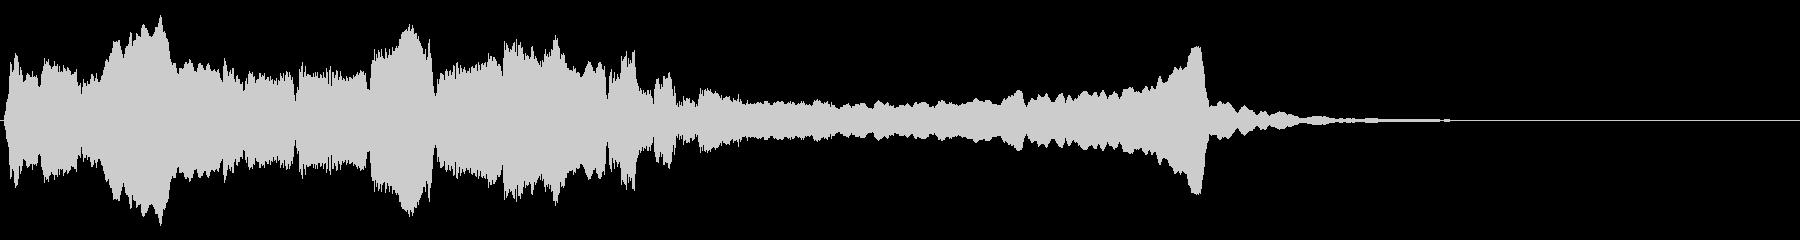 印象的な二胡の1フレーズの未再生の波形